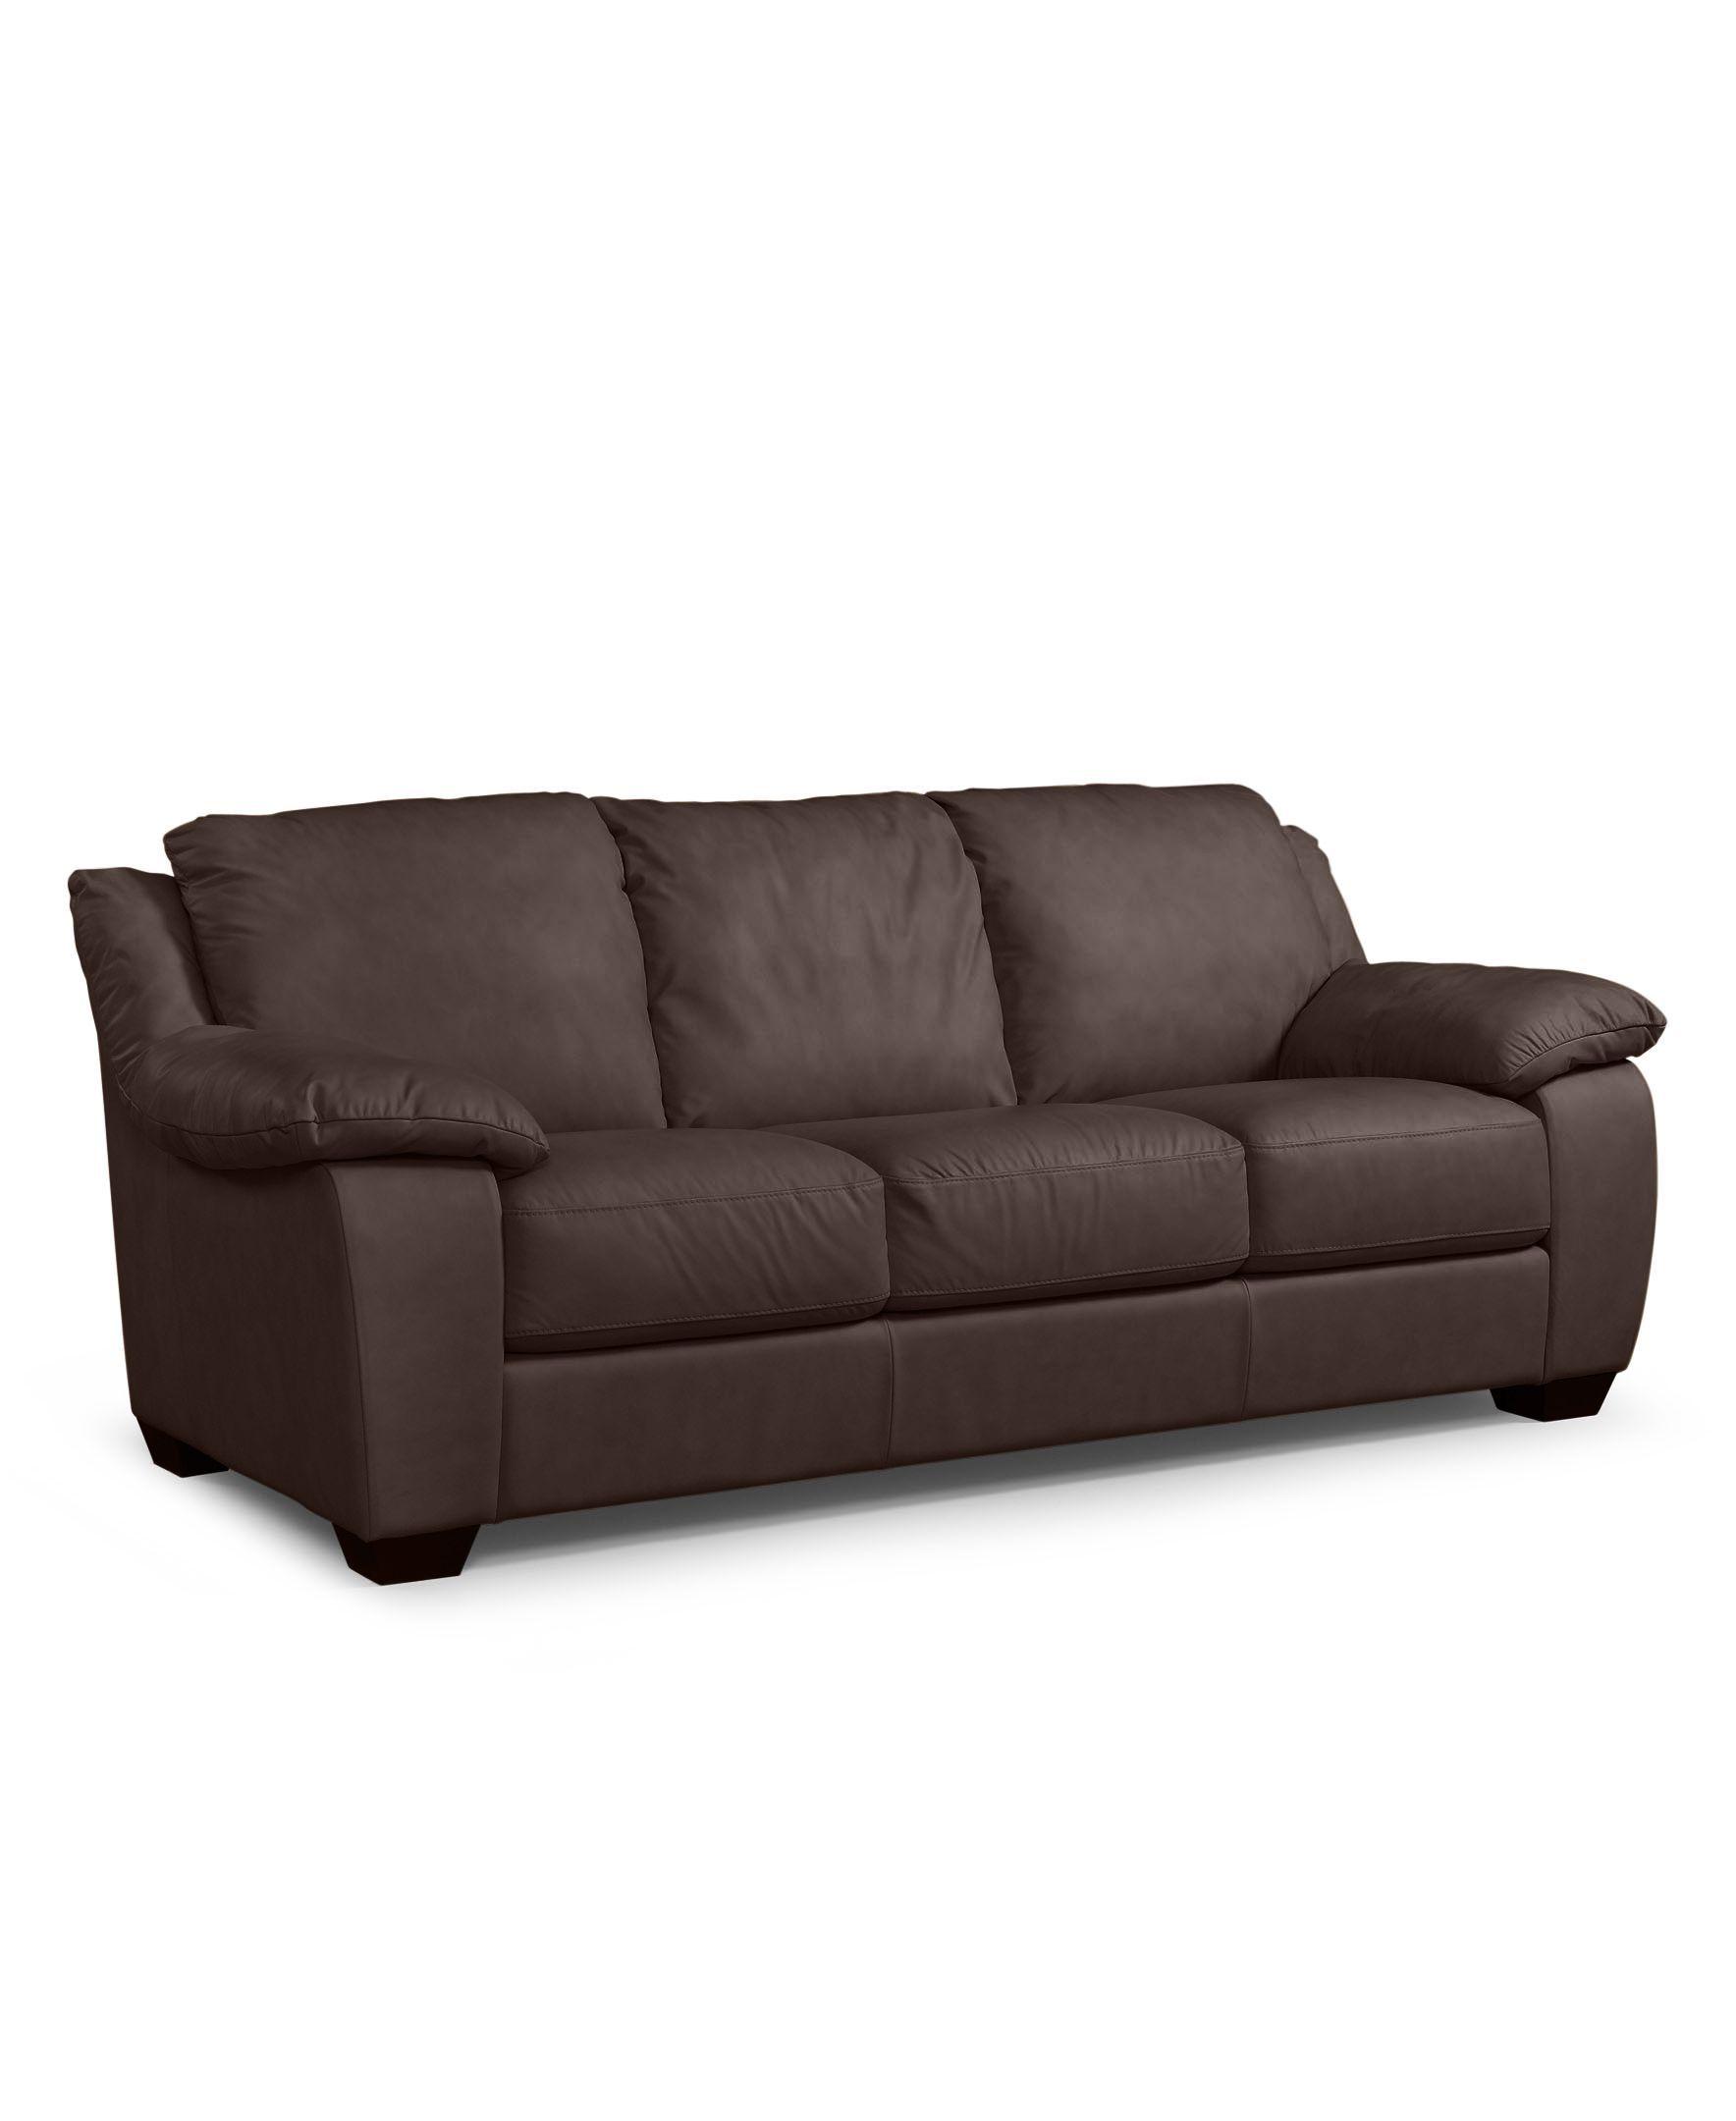 Blair Leather Sofa | Products | Sofa, Leather sofa, Furniture